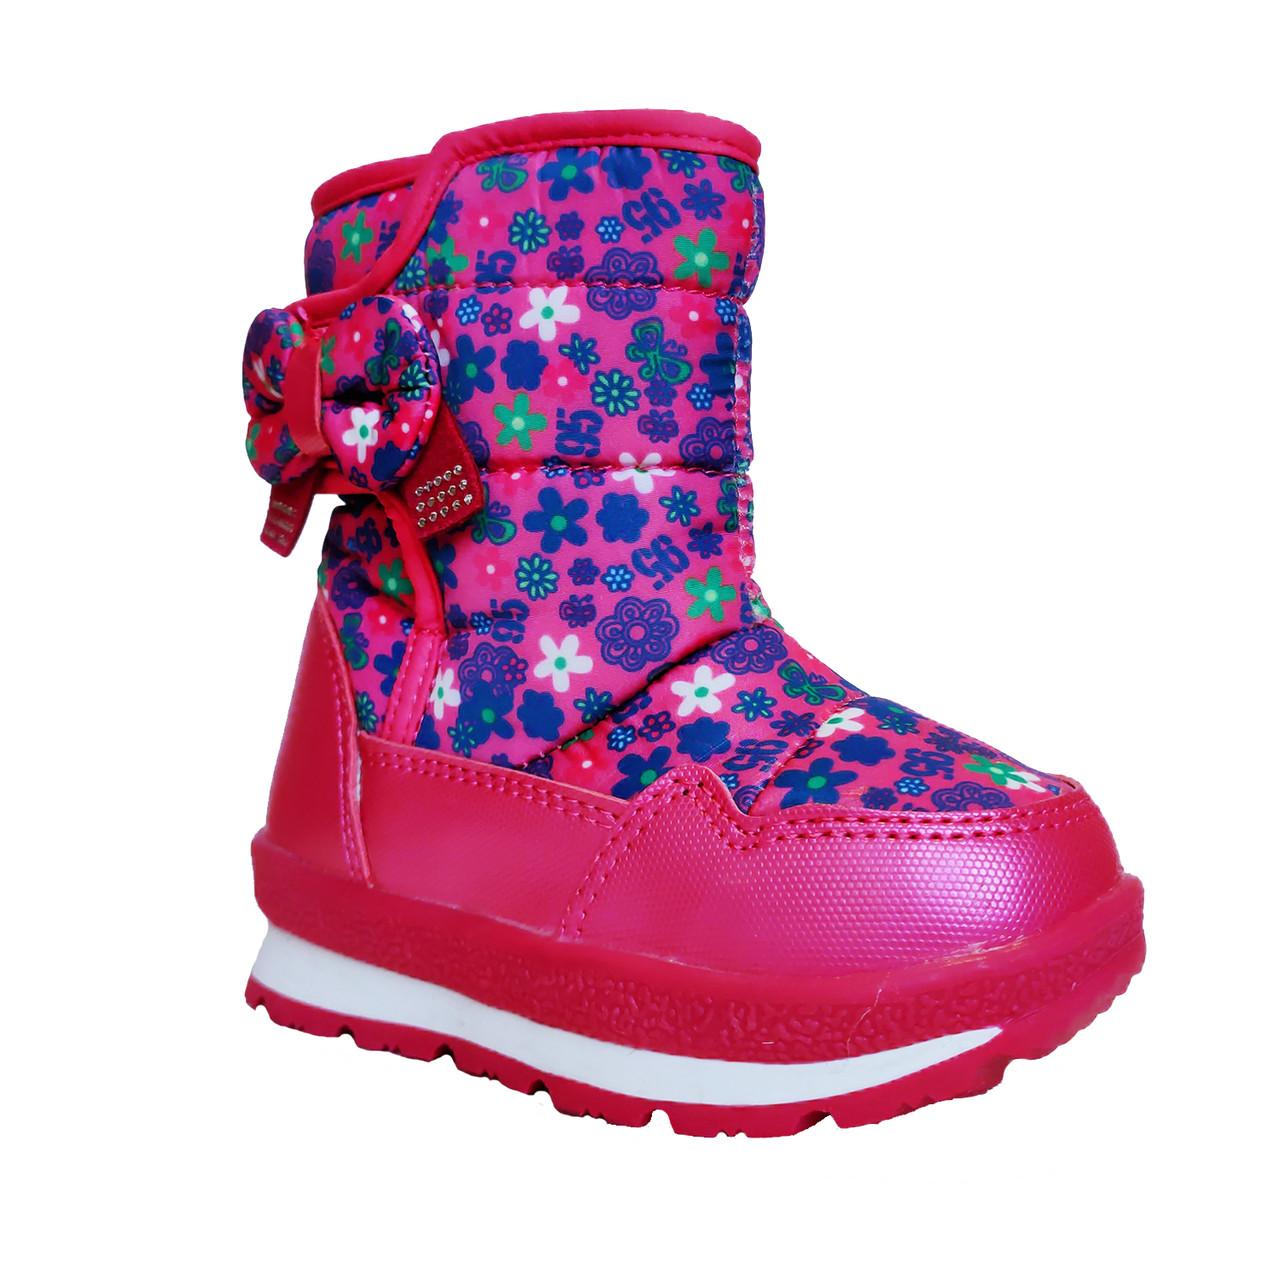 Детские зимние сапожки- дутики Том м для девочек, р. 23, 26, 27,28  Розовые теплые ботиночки